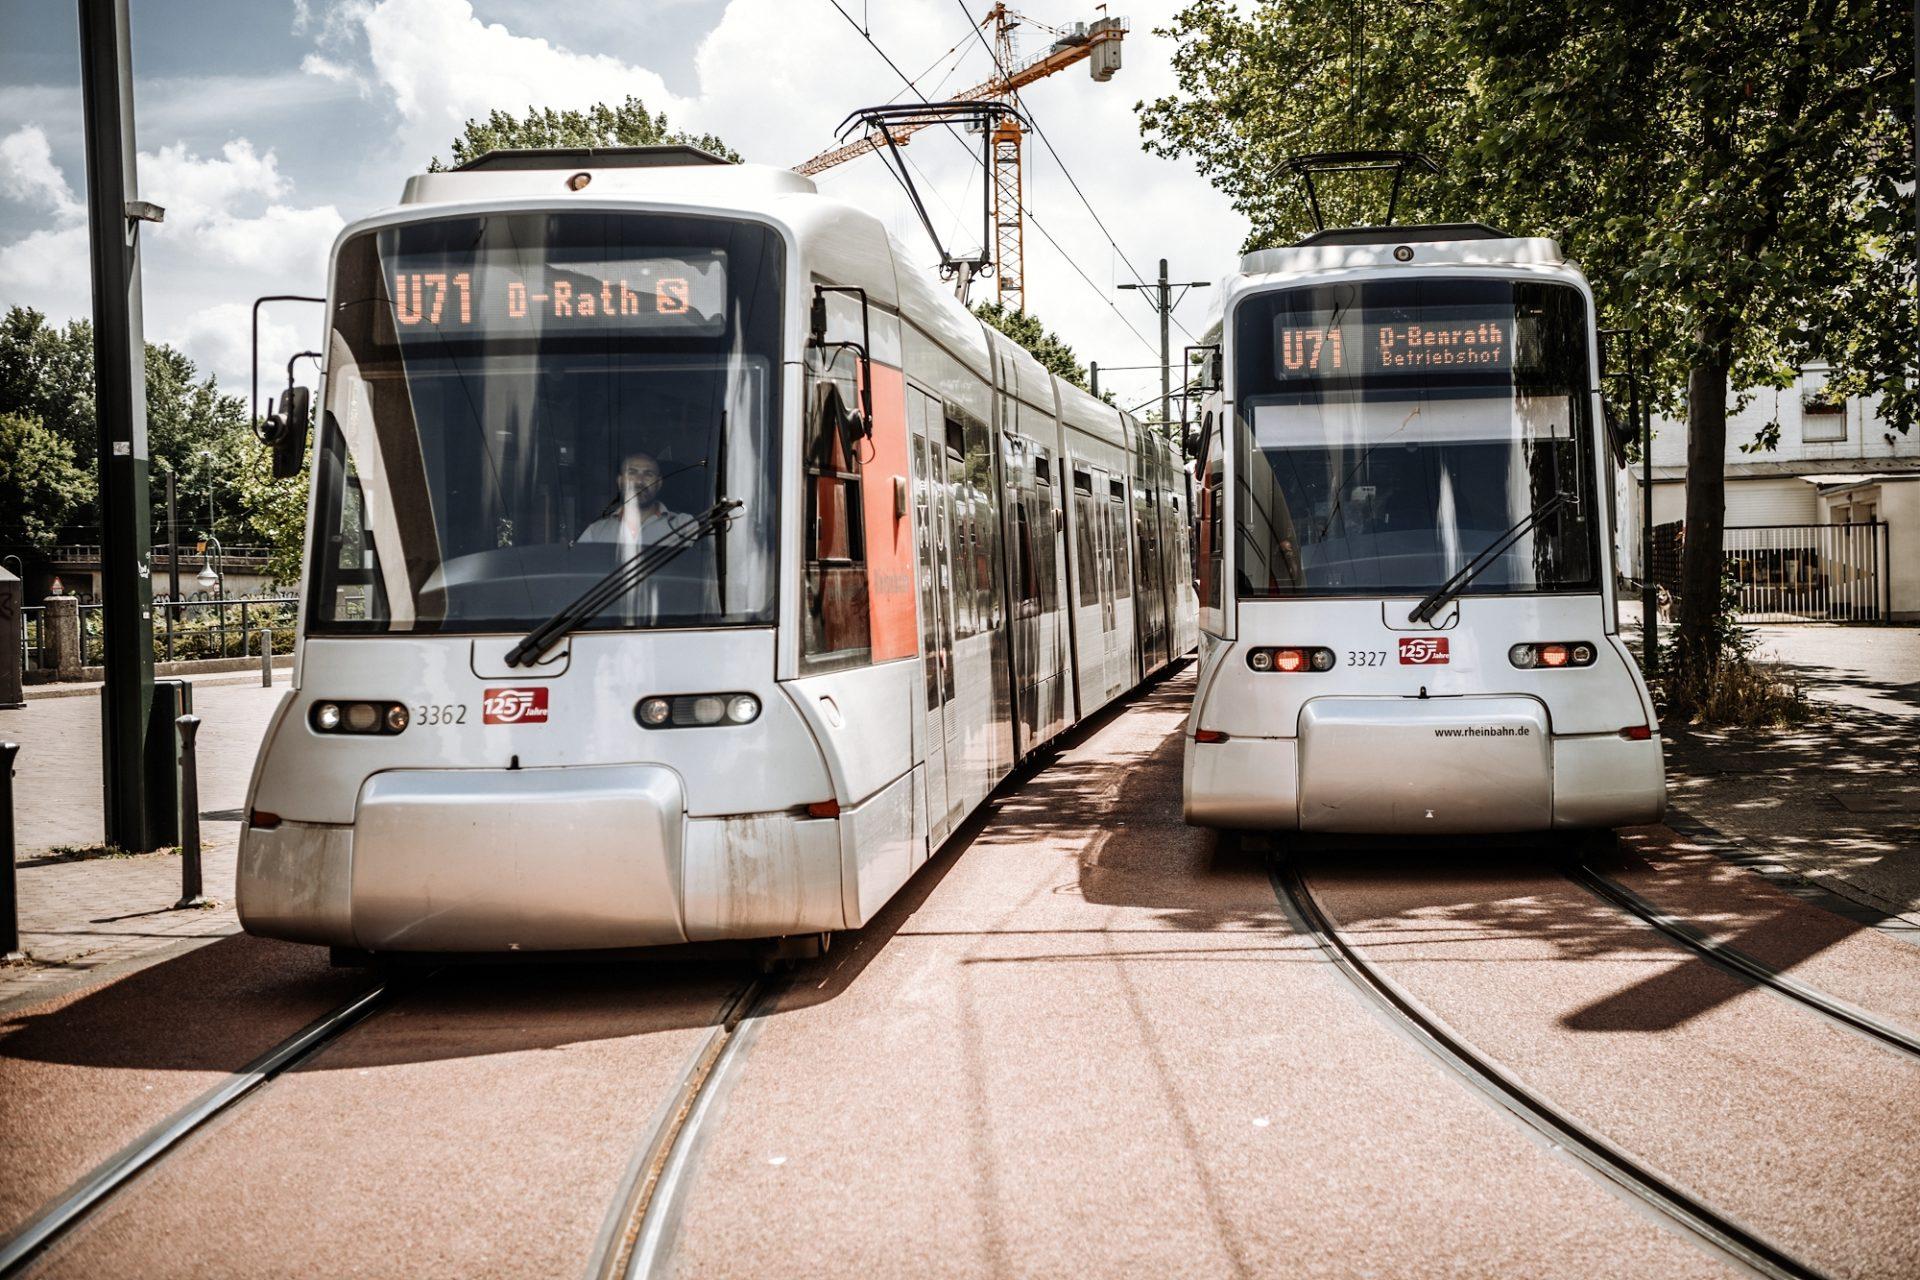 Wie Fahrten mit der Rheinbahn kostenlos möglich sein könnten, zeigen Beispiele aus anderen Städten, die wir hier betrachten. Foto: Andreas Endermann